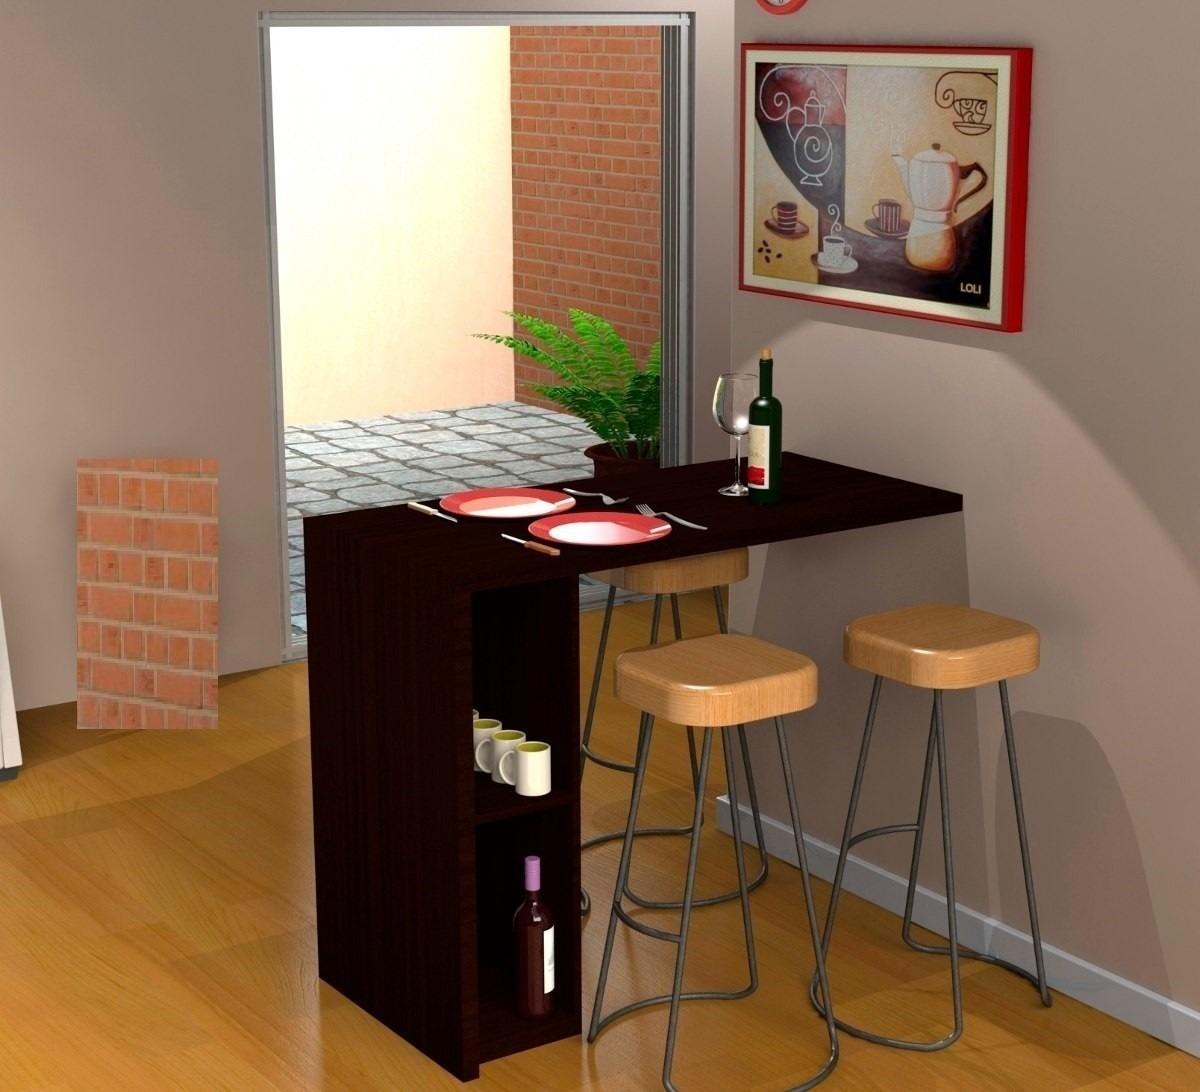 Hermoso Mesas Para Cocina Im Genes Mesas Y Sillas En Huesca  # Lejaim Muebles De Cocina